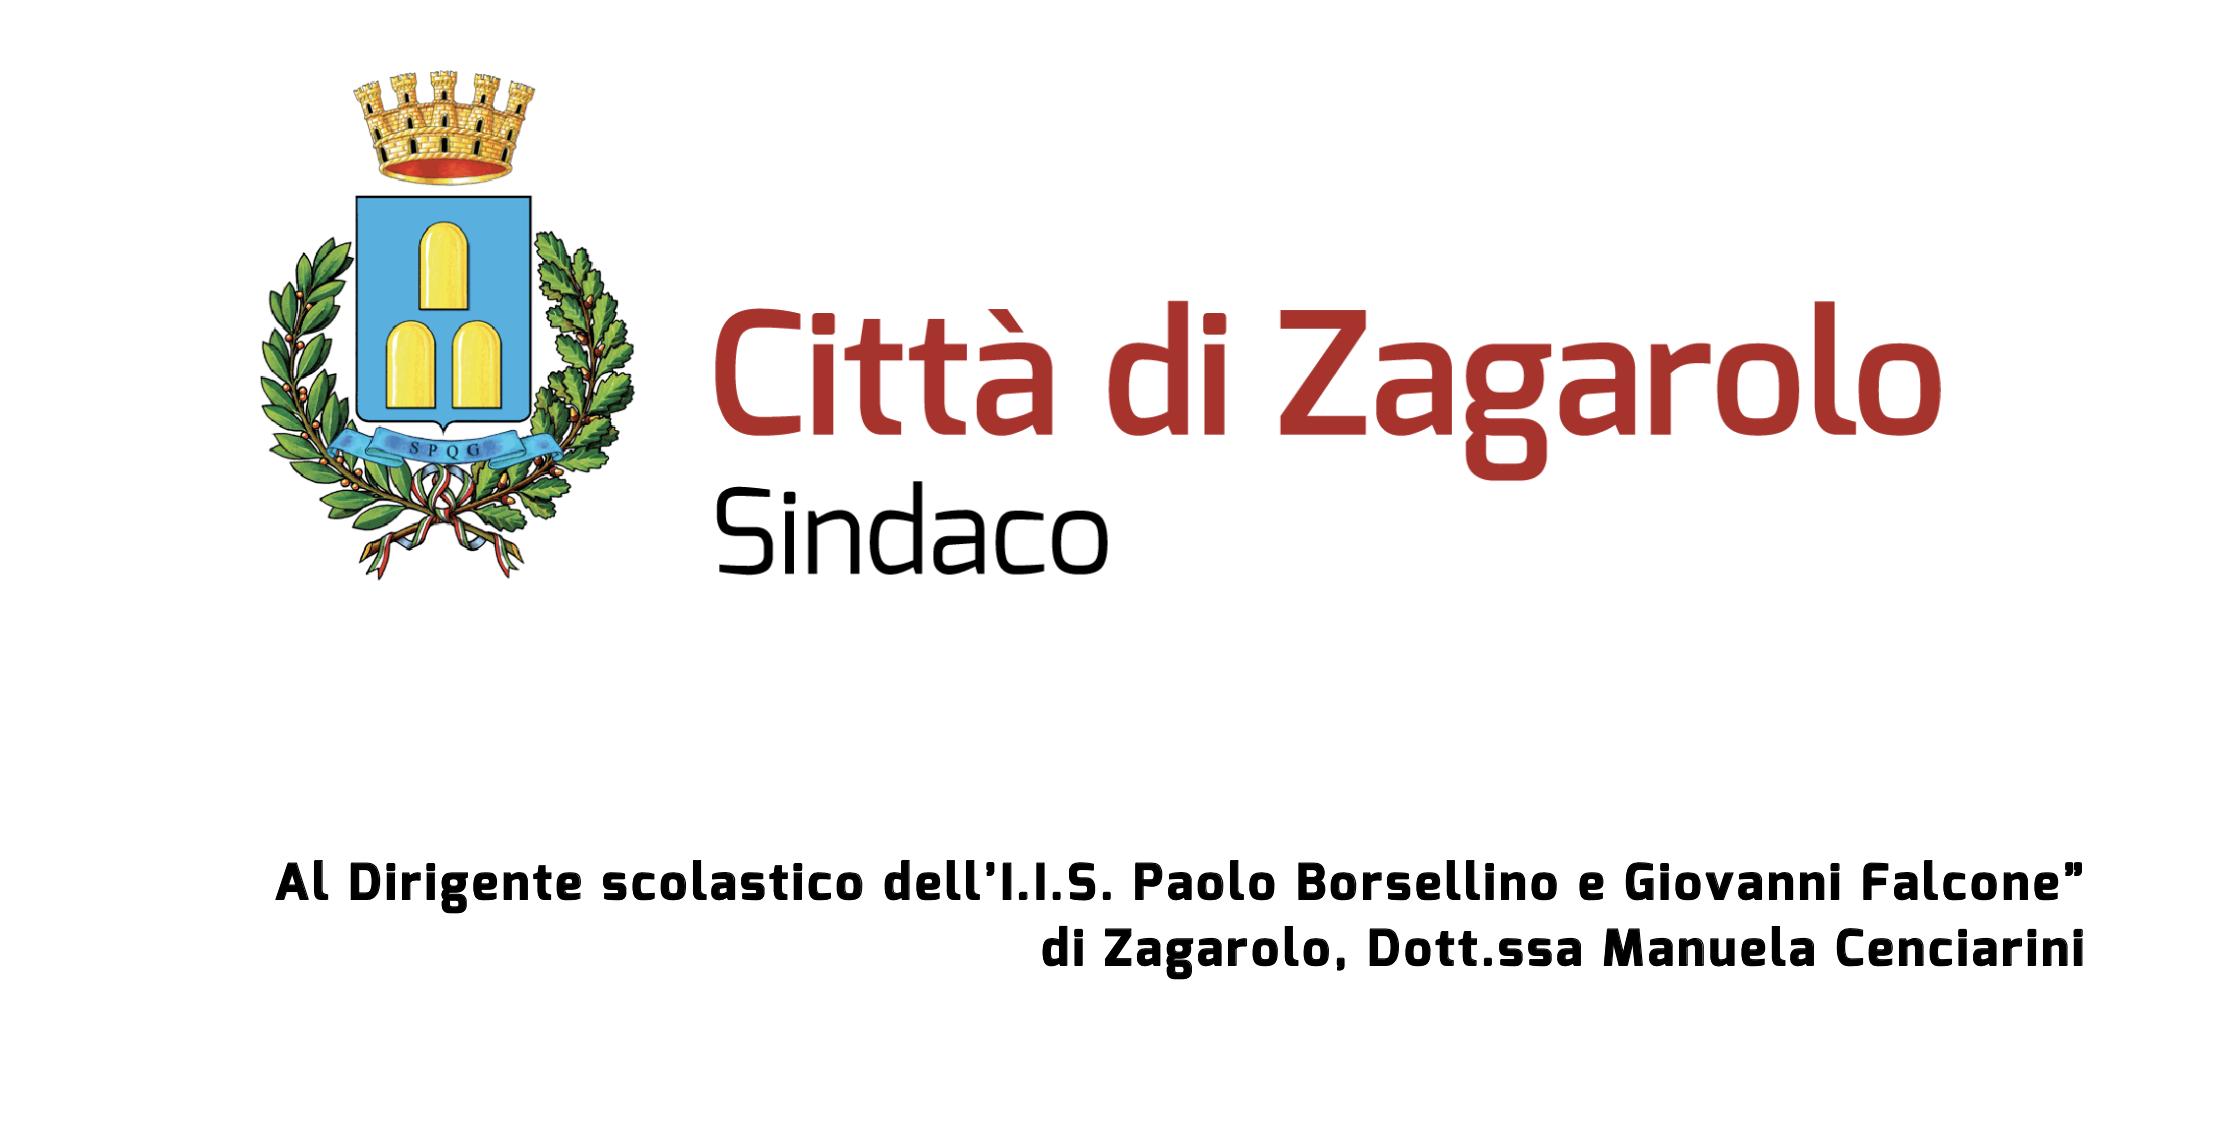 Incontro dedicato alle Foibe, Lunedì 10 Febbraio, a Palazzo Rospigliosi